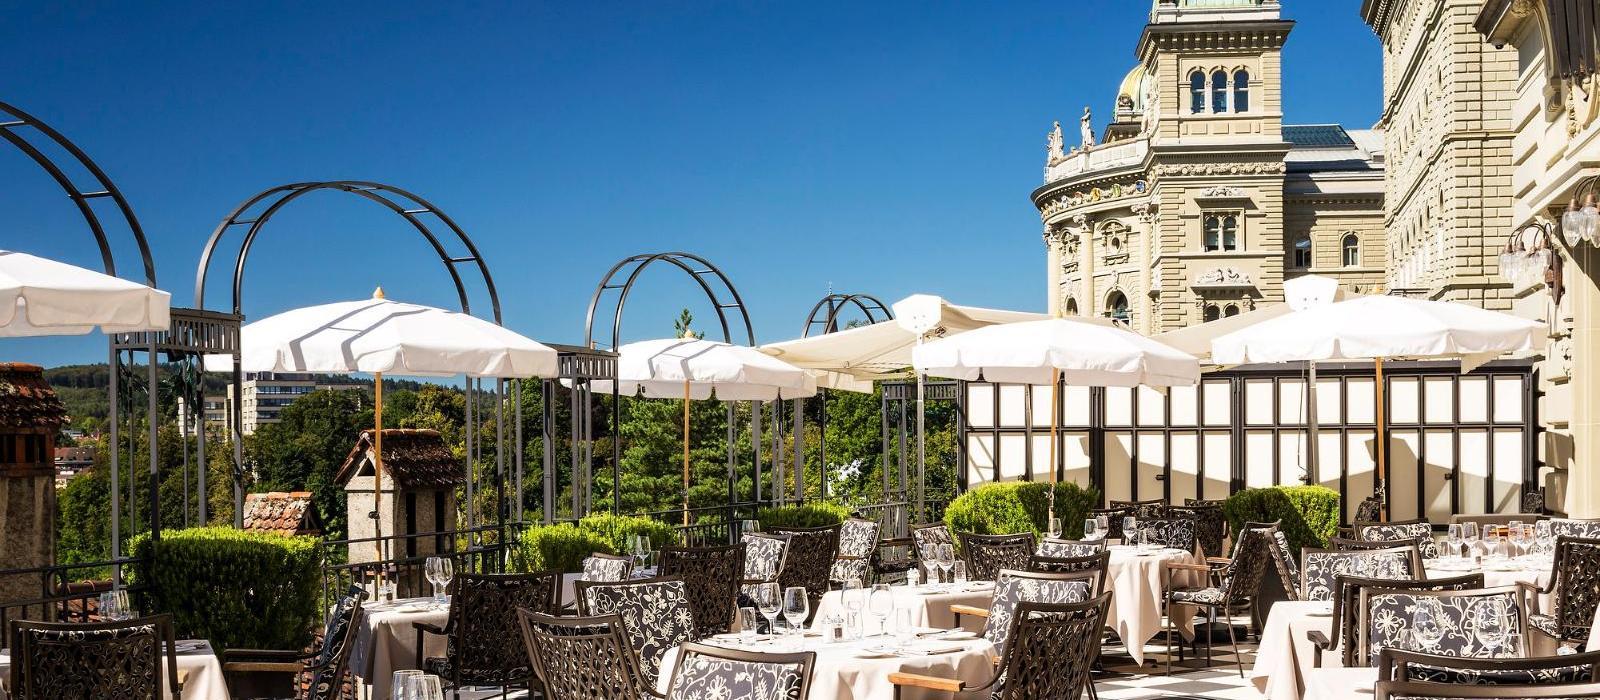 伯尔尼贝尔维尤宫国宾酒店(Bellevue Palace) 户外餐厅图片  www.lhw.cn